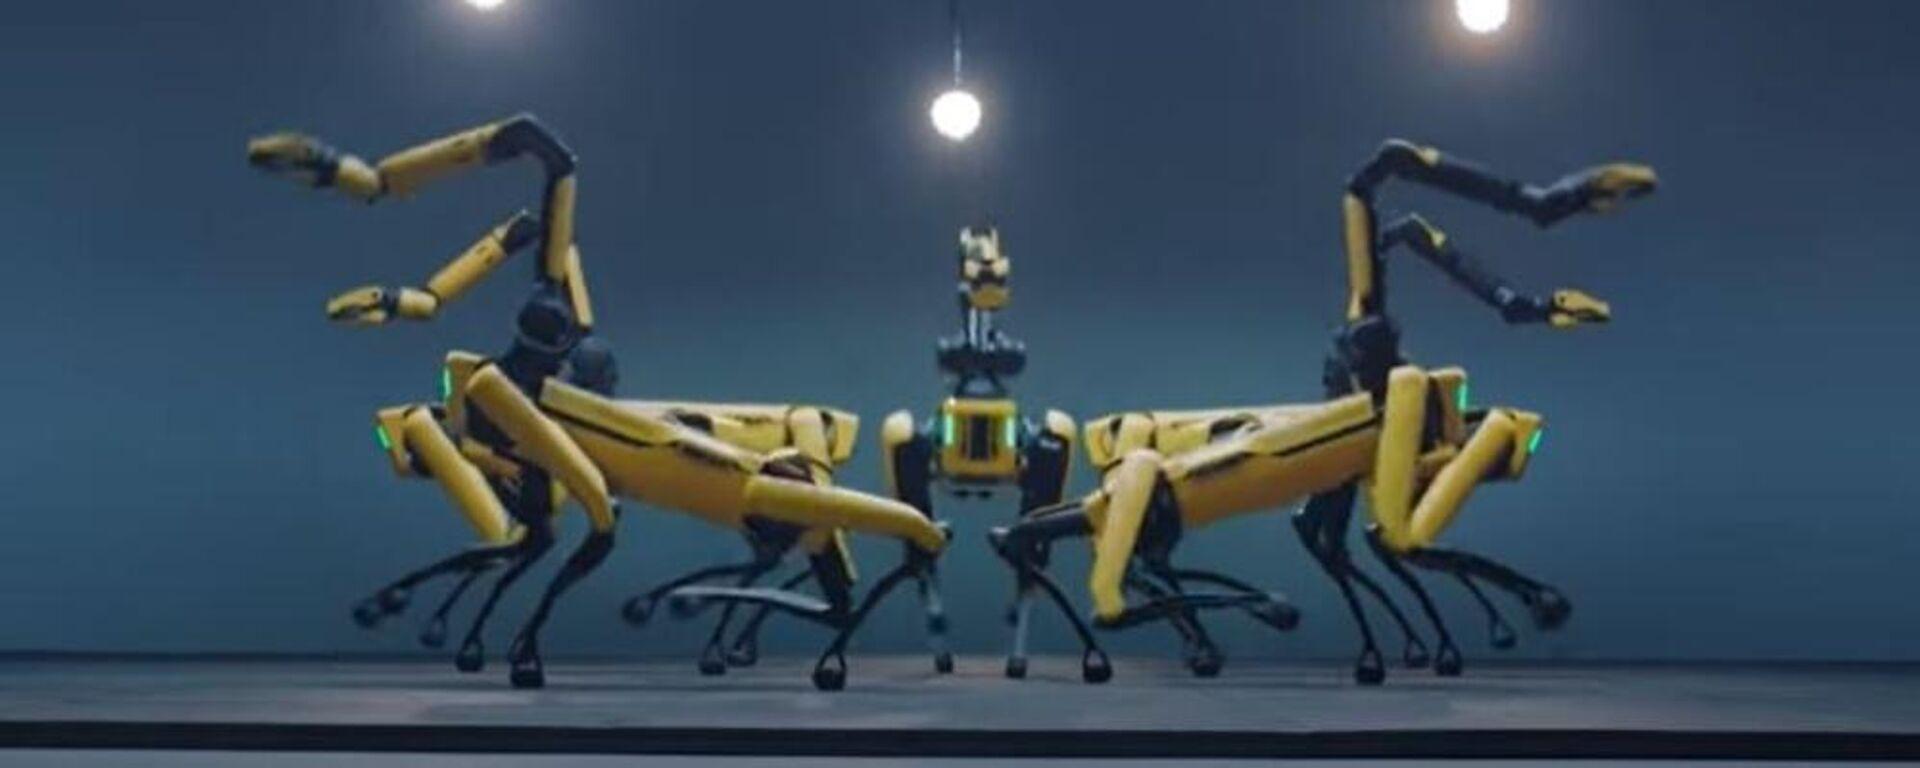 Σκυλο-ρομπότ της Boston Dynamics χορεύουν στον ρυθμό του boy band BTS - Sputnik Ελλάδα, 1920, 01.07.2021